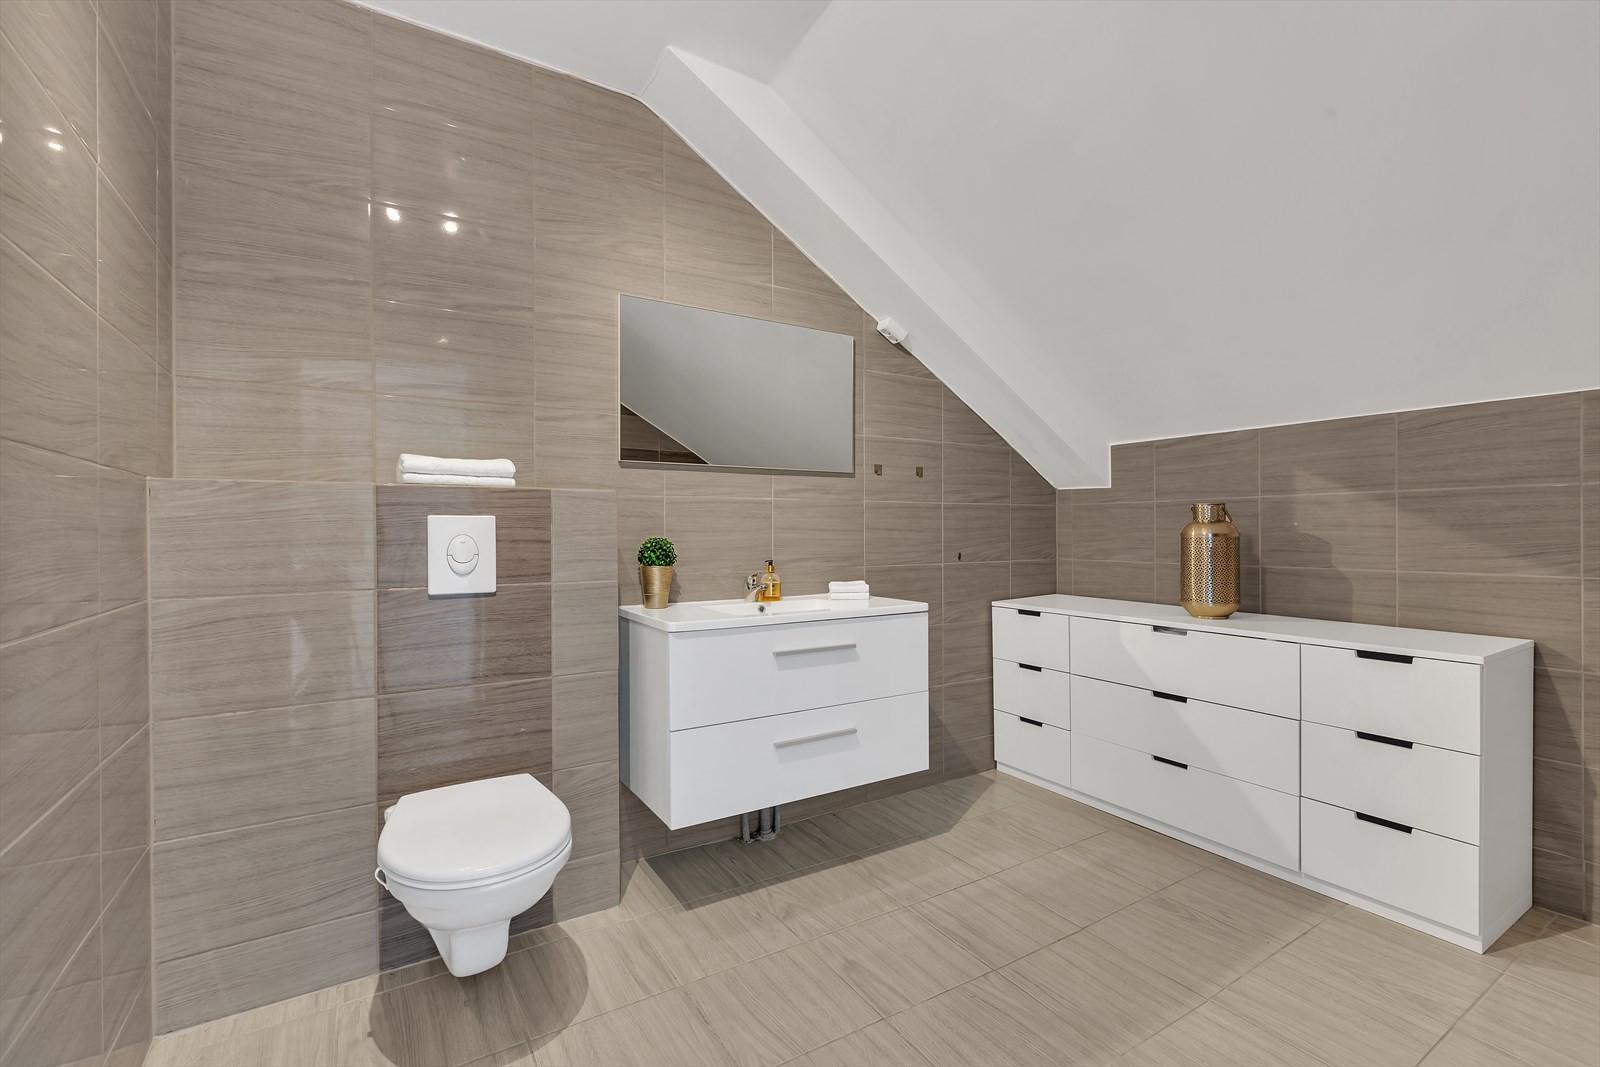 2. etasje har også et romslig og pent bad. Komplett flislagt og moderne innredet.